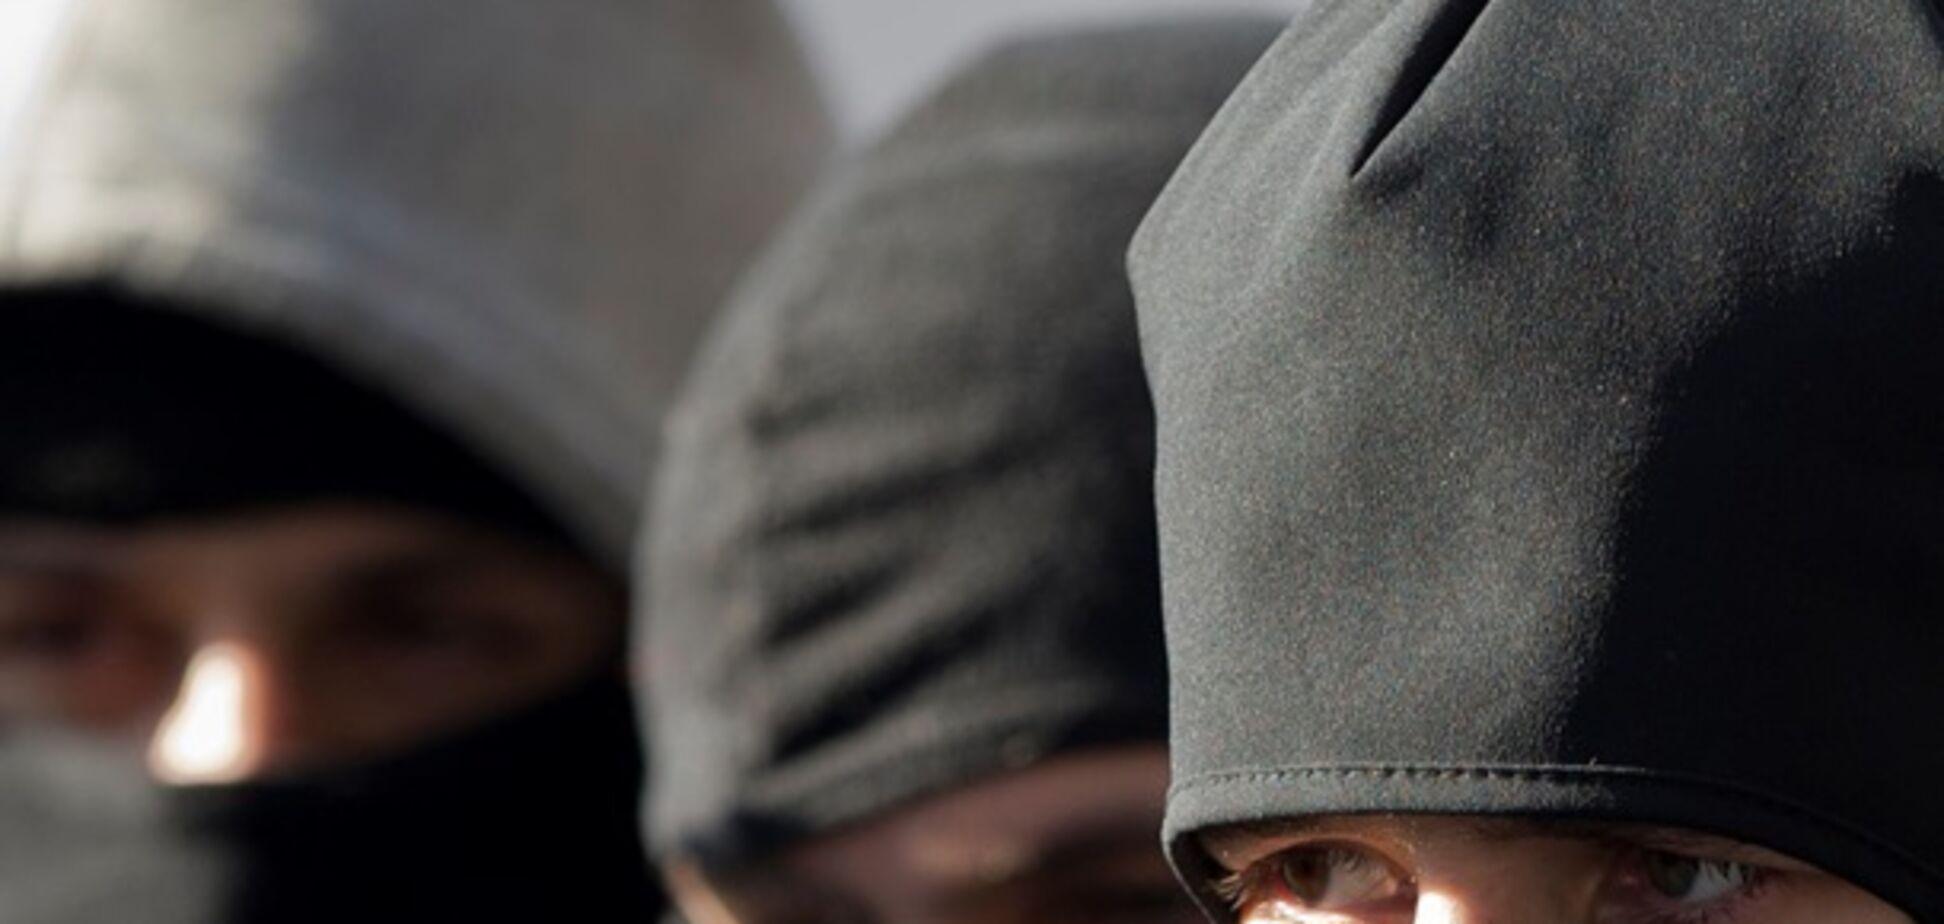 В ВСУ заявили о попытке захвата воинской части: все подробности ЧП